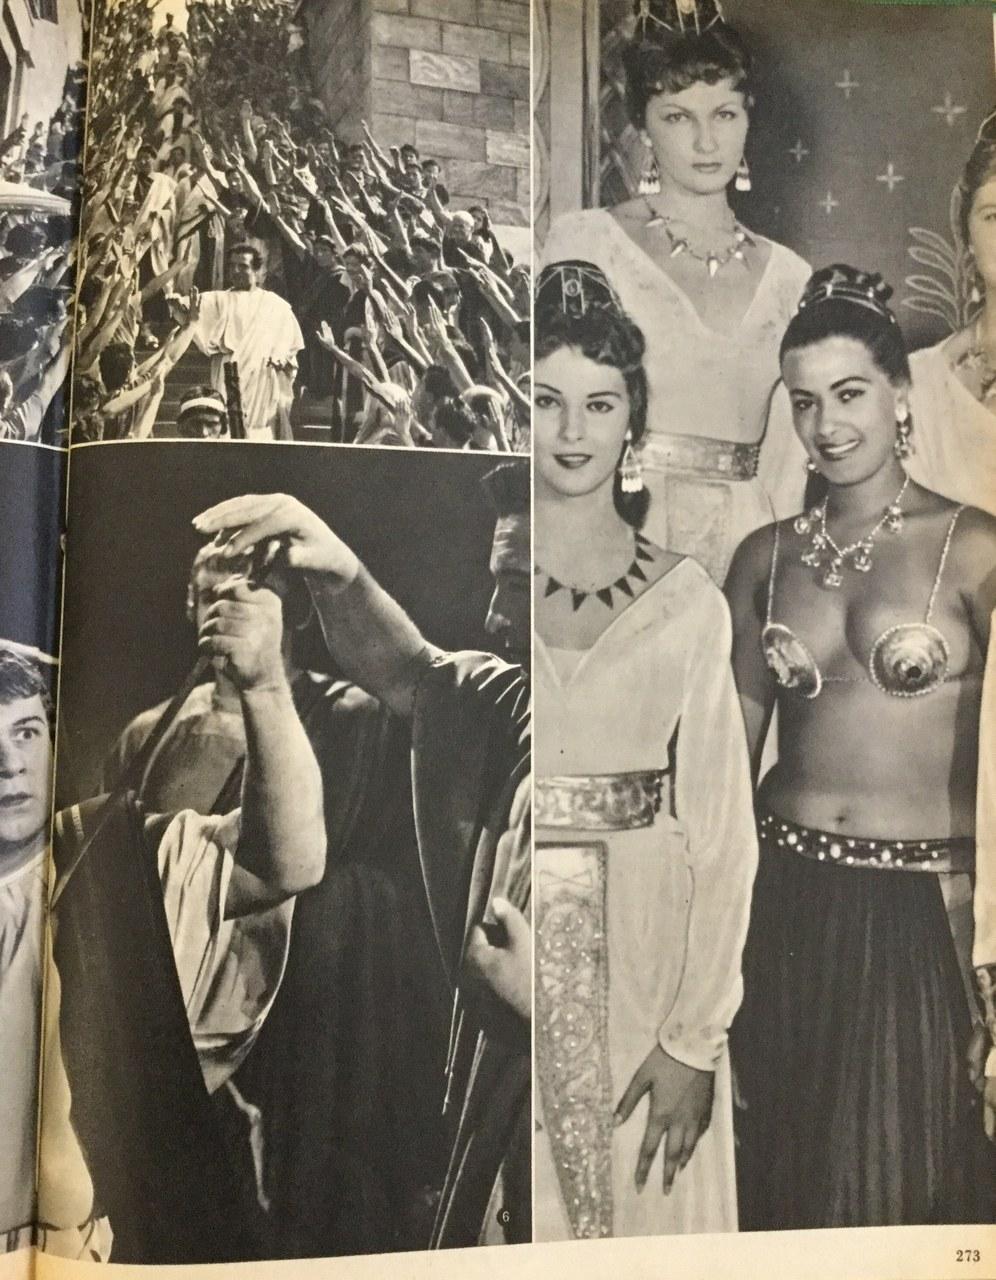 <p>«Gruppo di famiglia in una pausa di Teodora imperatrice di Bisanzio», recita la didascalia a corredo dell'immagine a destra (<em>Cinema nuovo</em>, 22, novembre 1953)</p>